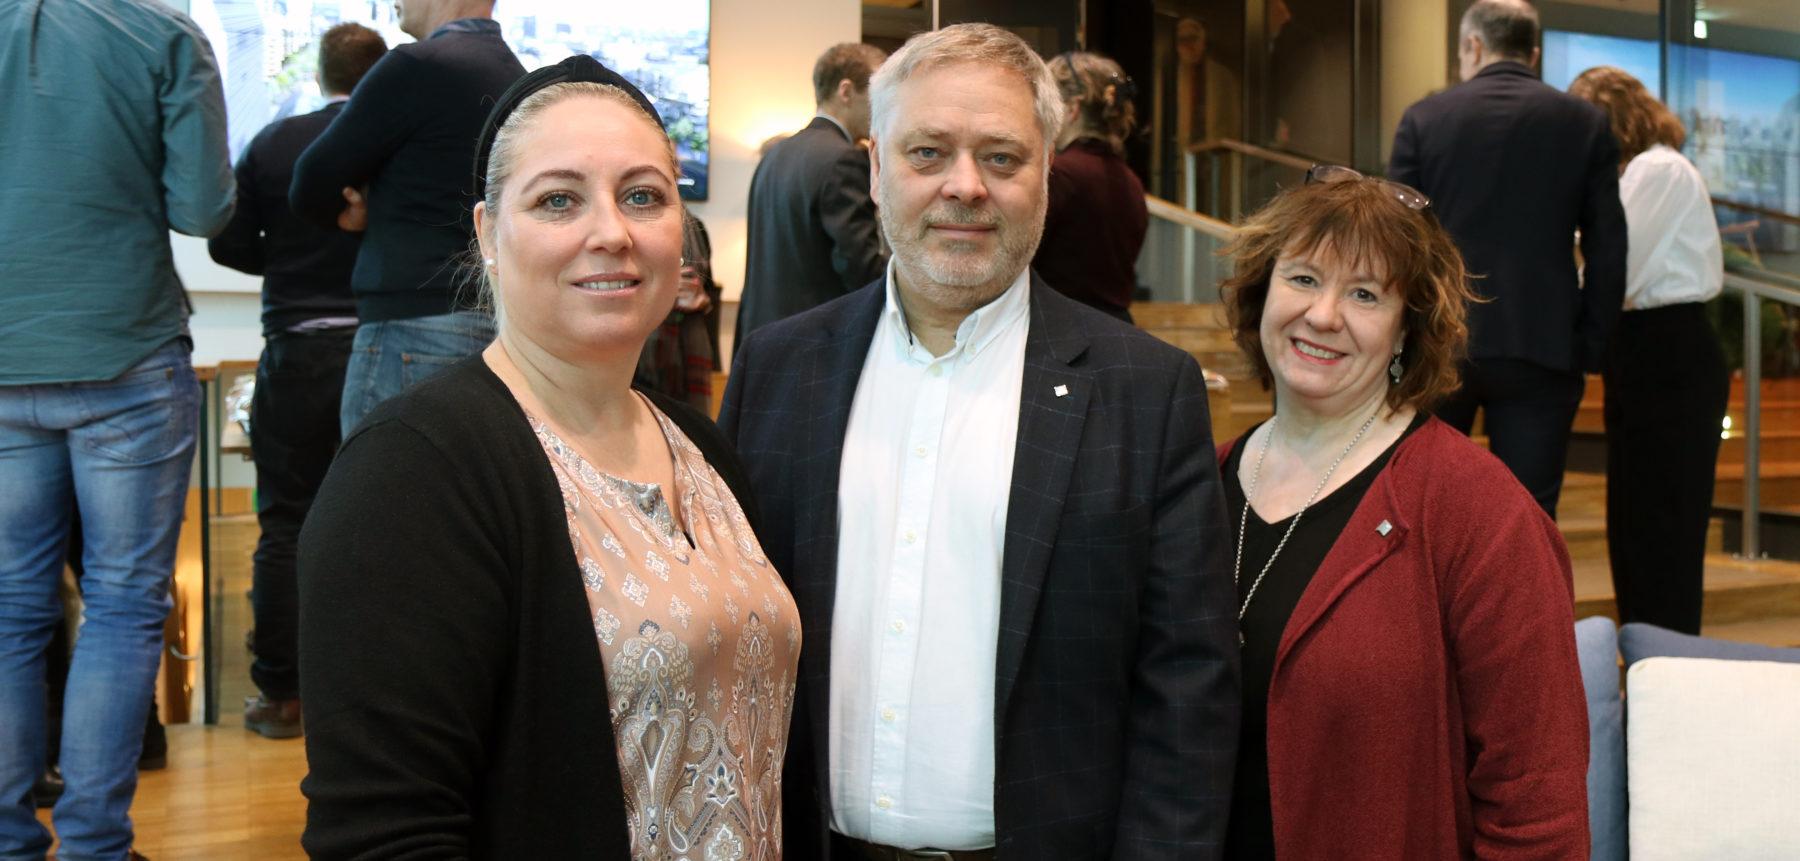 F.v.: Unn Kristin Olsen, forbundsleder i Parat, YS-leder Erik Kolerud og Anneli Nyberg, nestleder i Parat. Foto: Liv Hilde Hansen